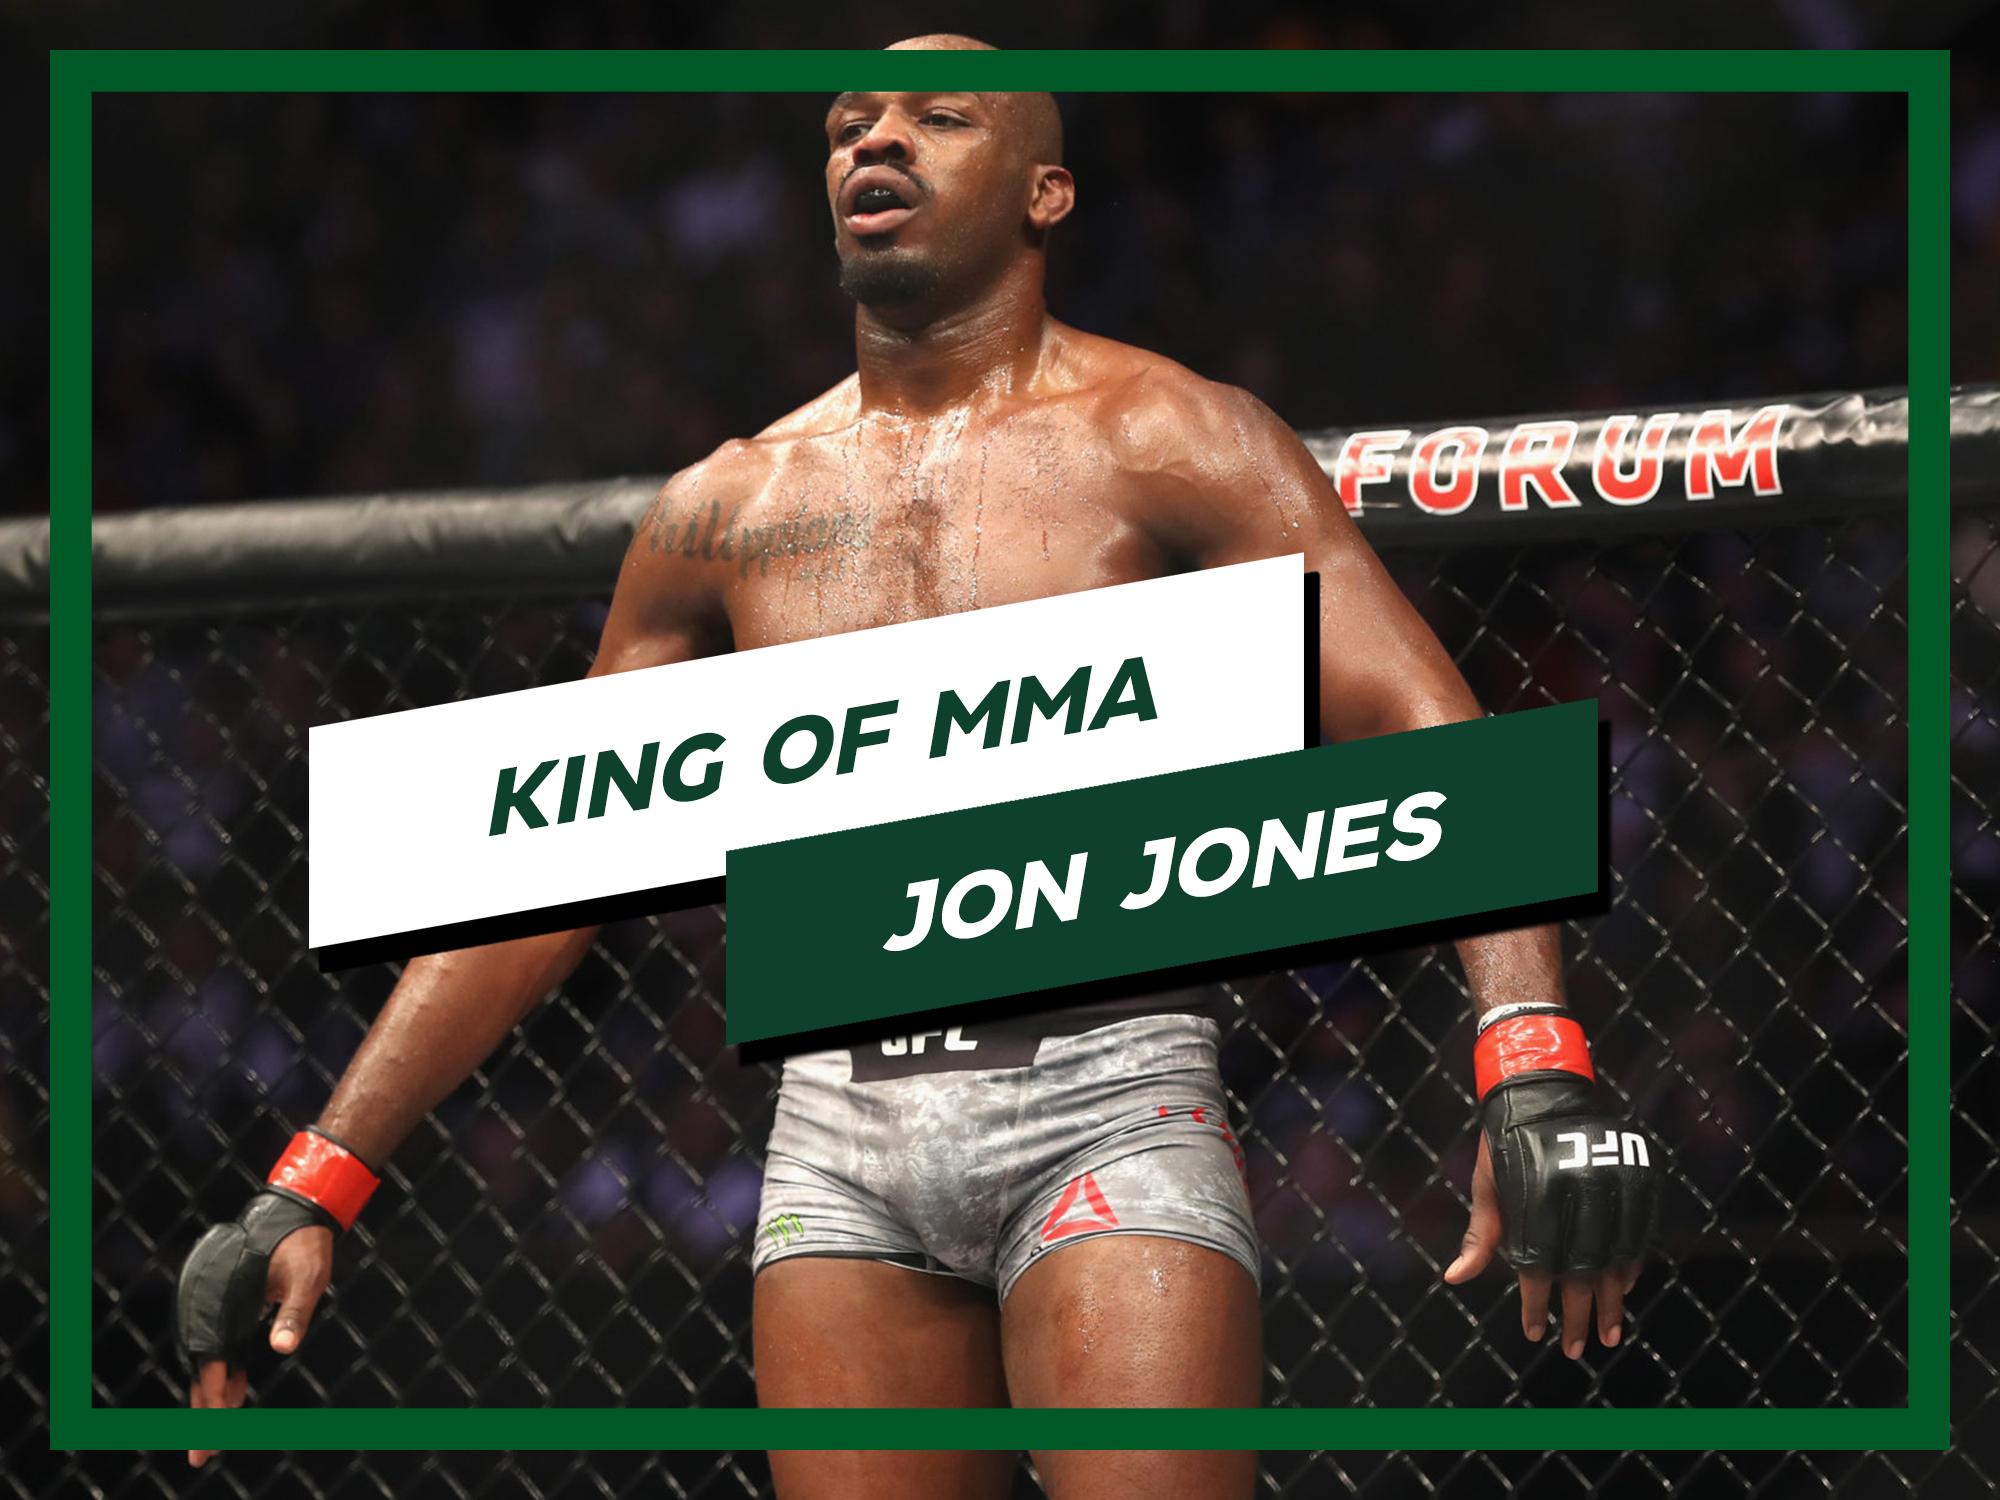 KING OF MMA JON JONES